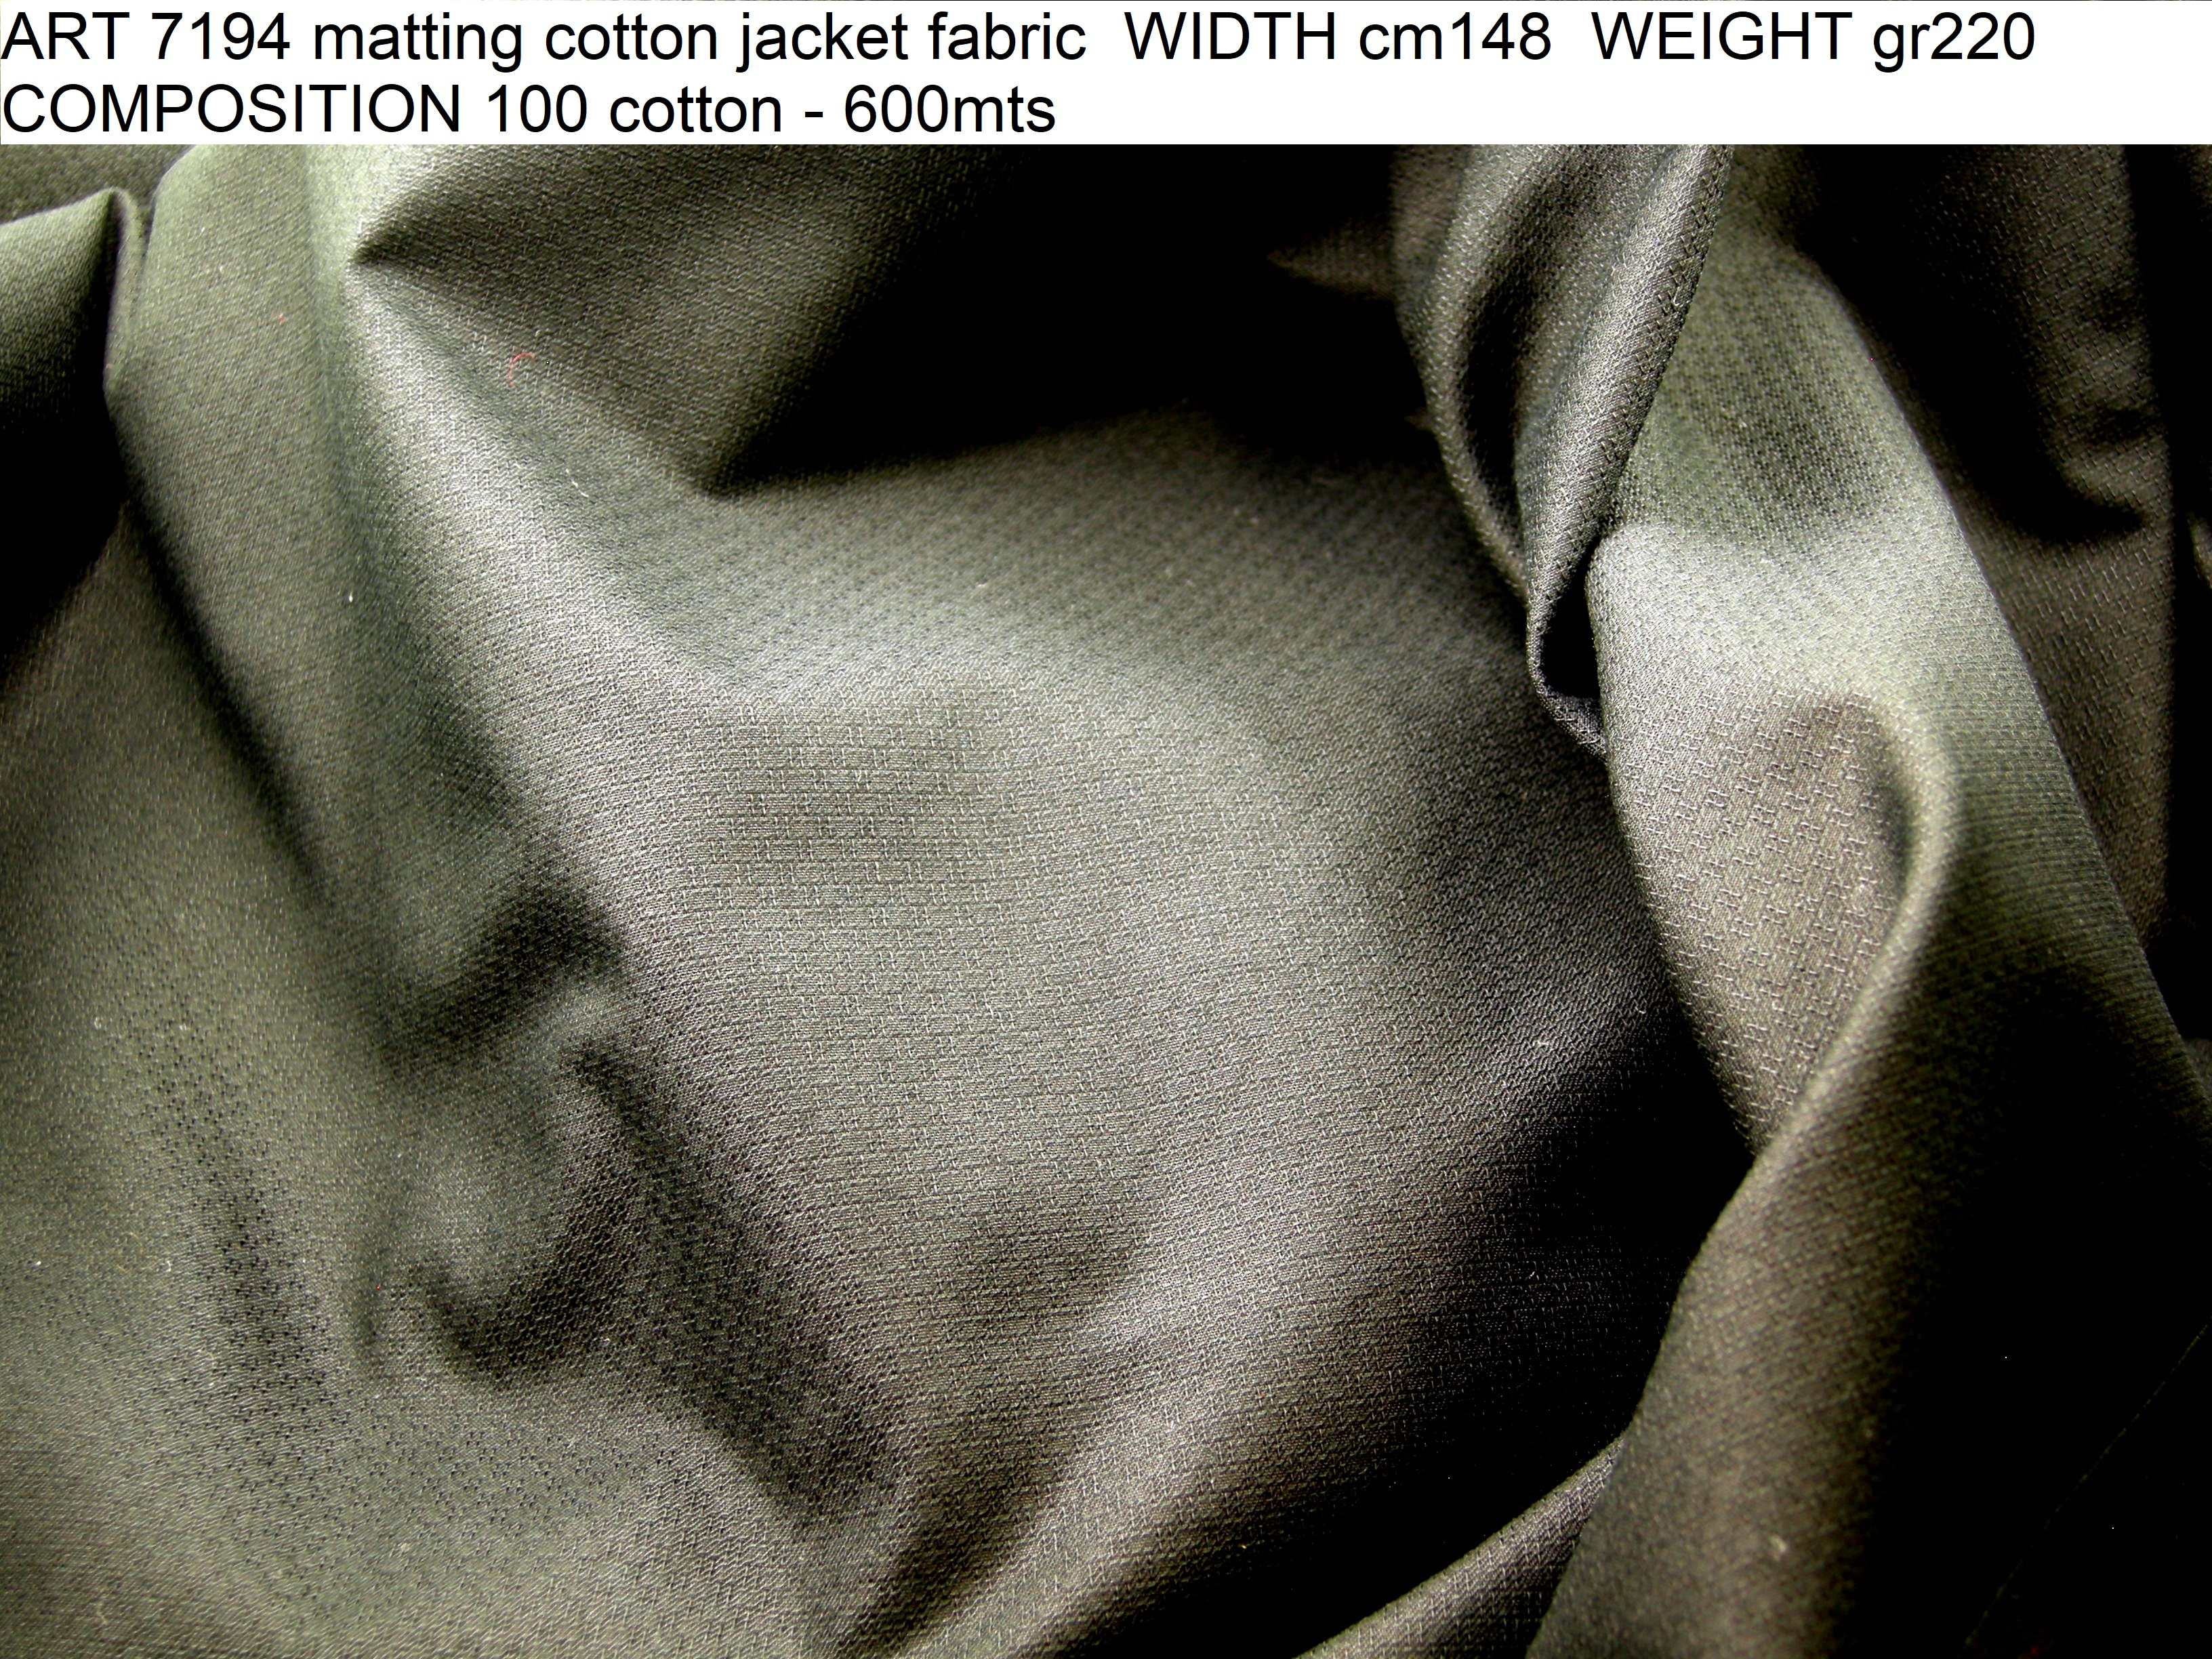 ART 7194 matting cotton jacket fabric WIDTH cm148 WEIGHT gr220 COMPOSITION 100 cotton - 600mts